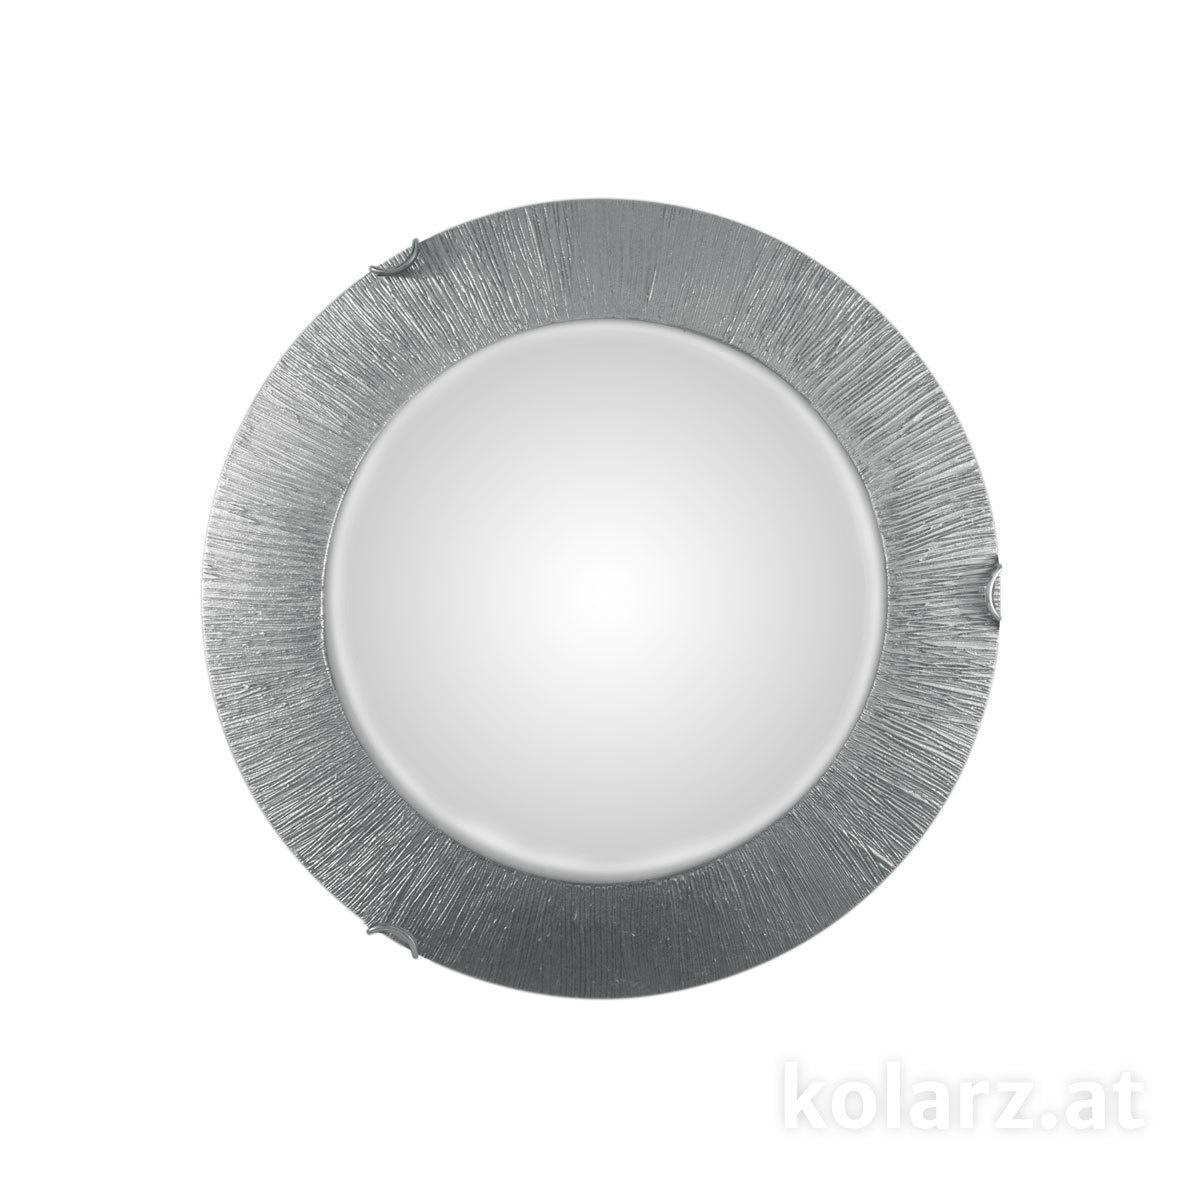 A1306-12-5-SunAg-f1.jpg